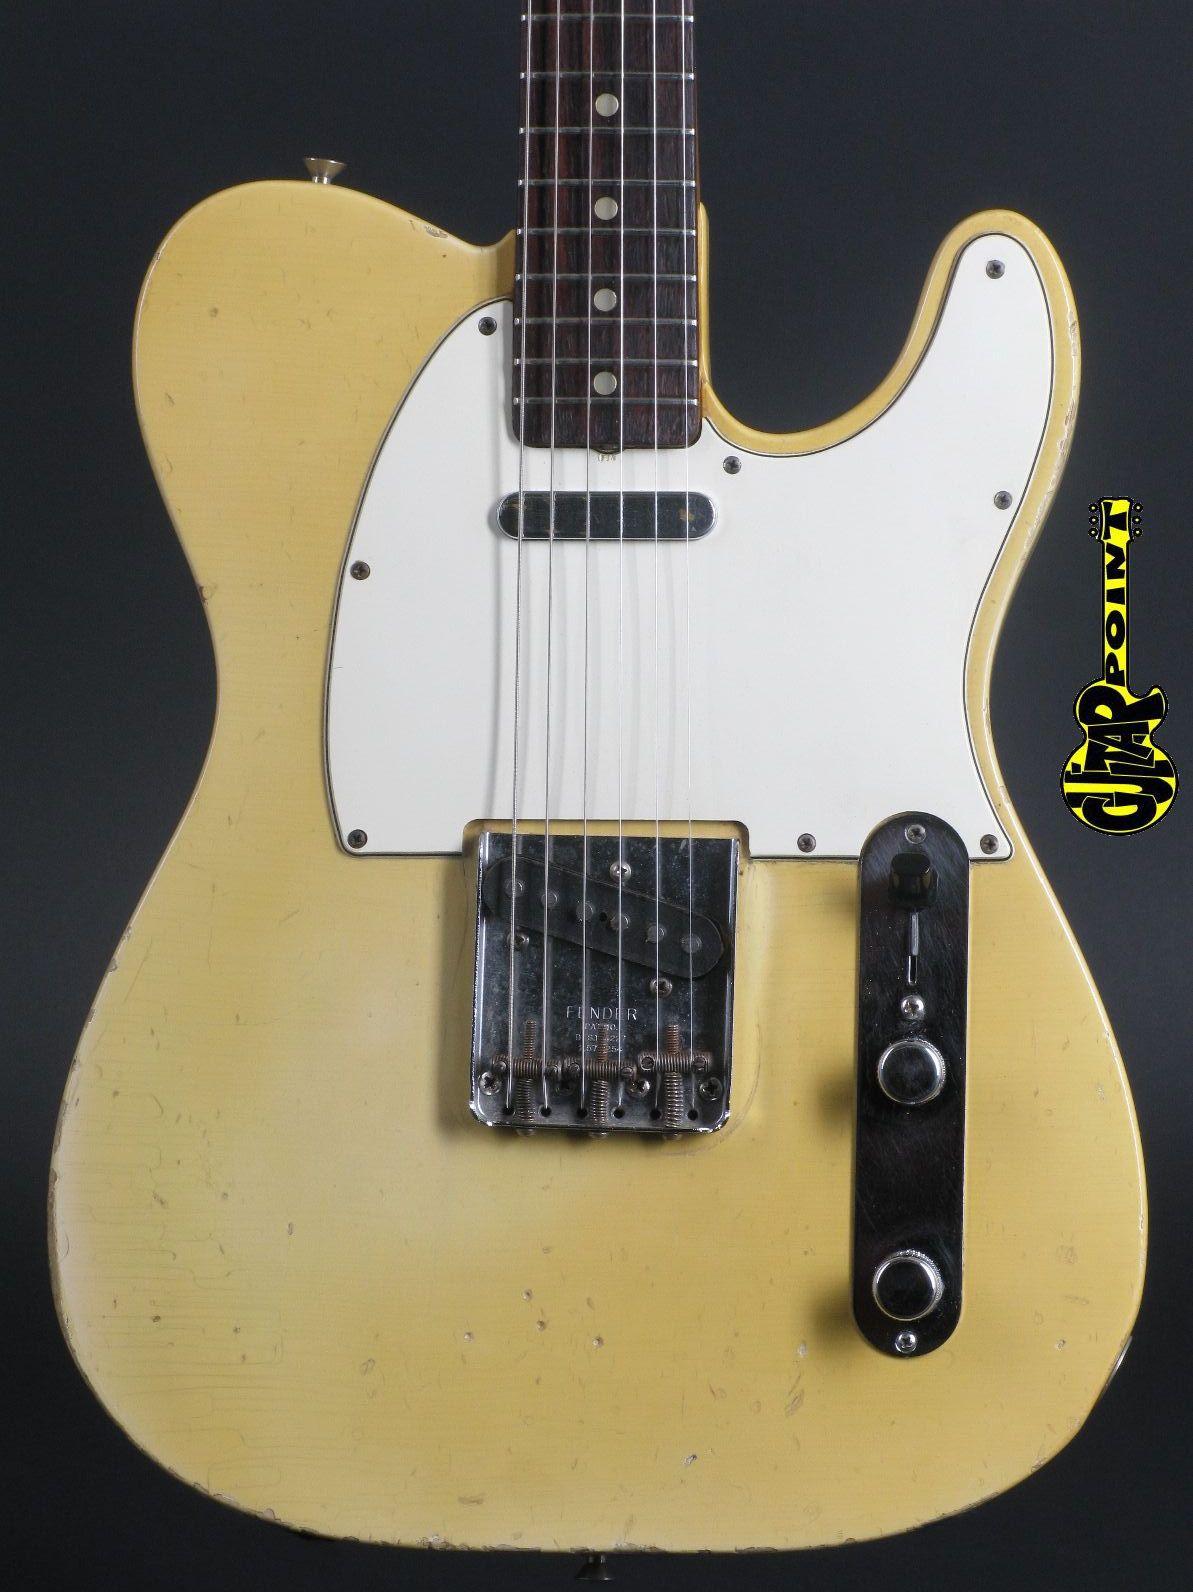 1966 Fender Telecaster - Blond